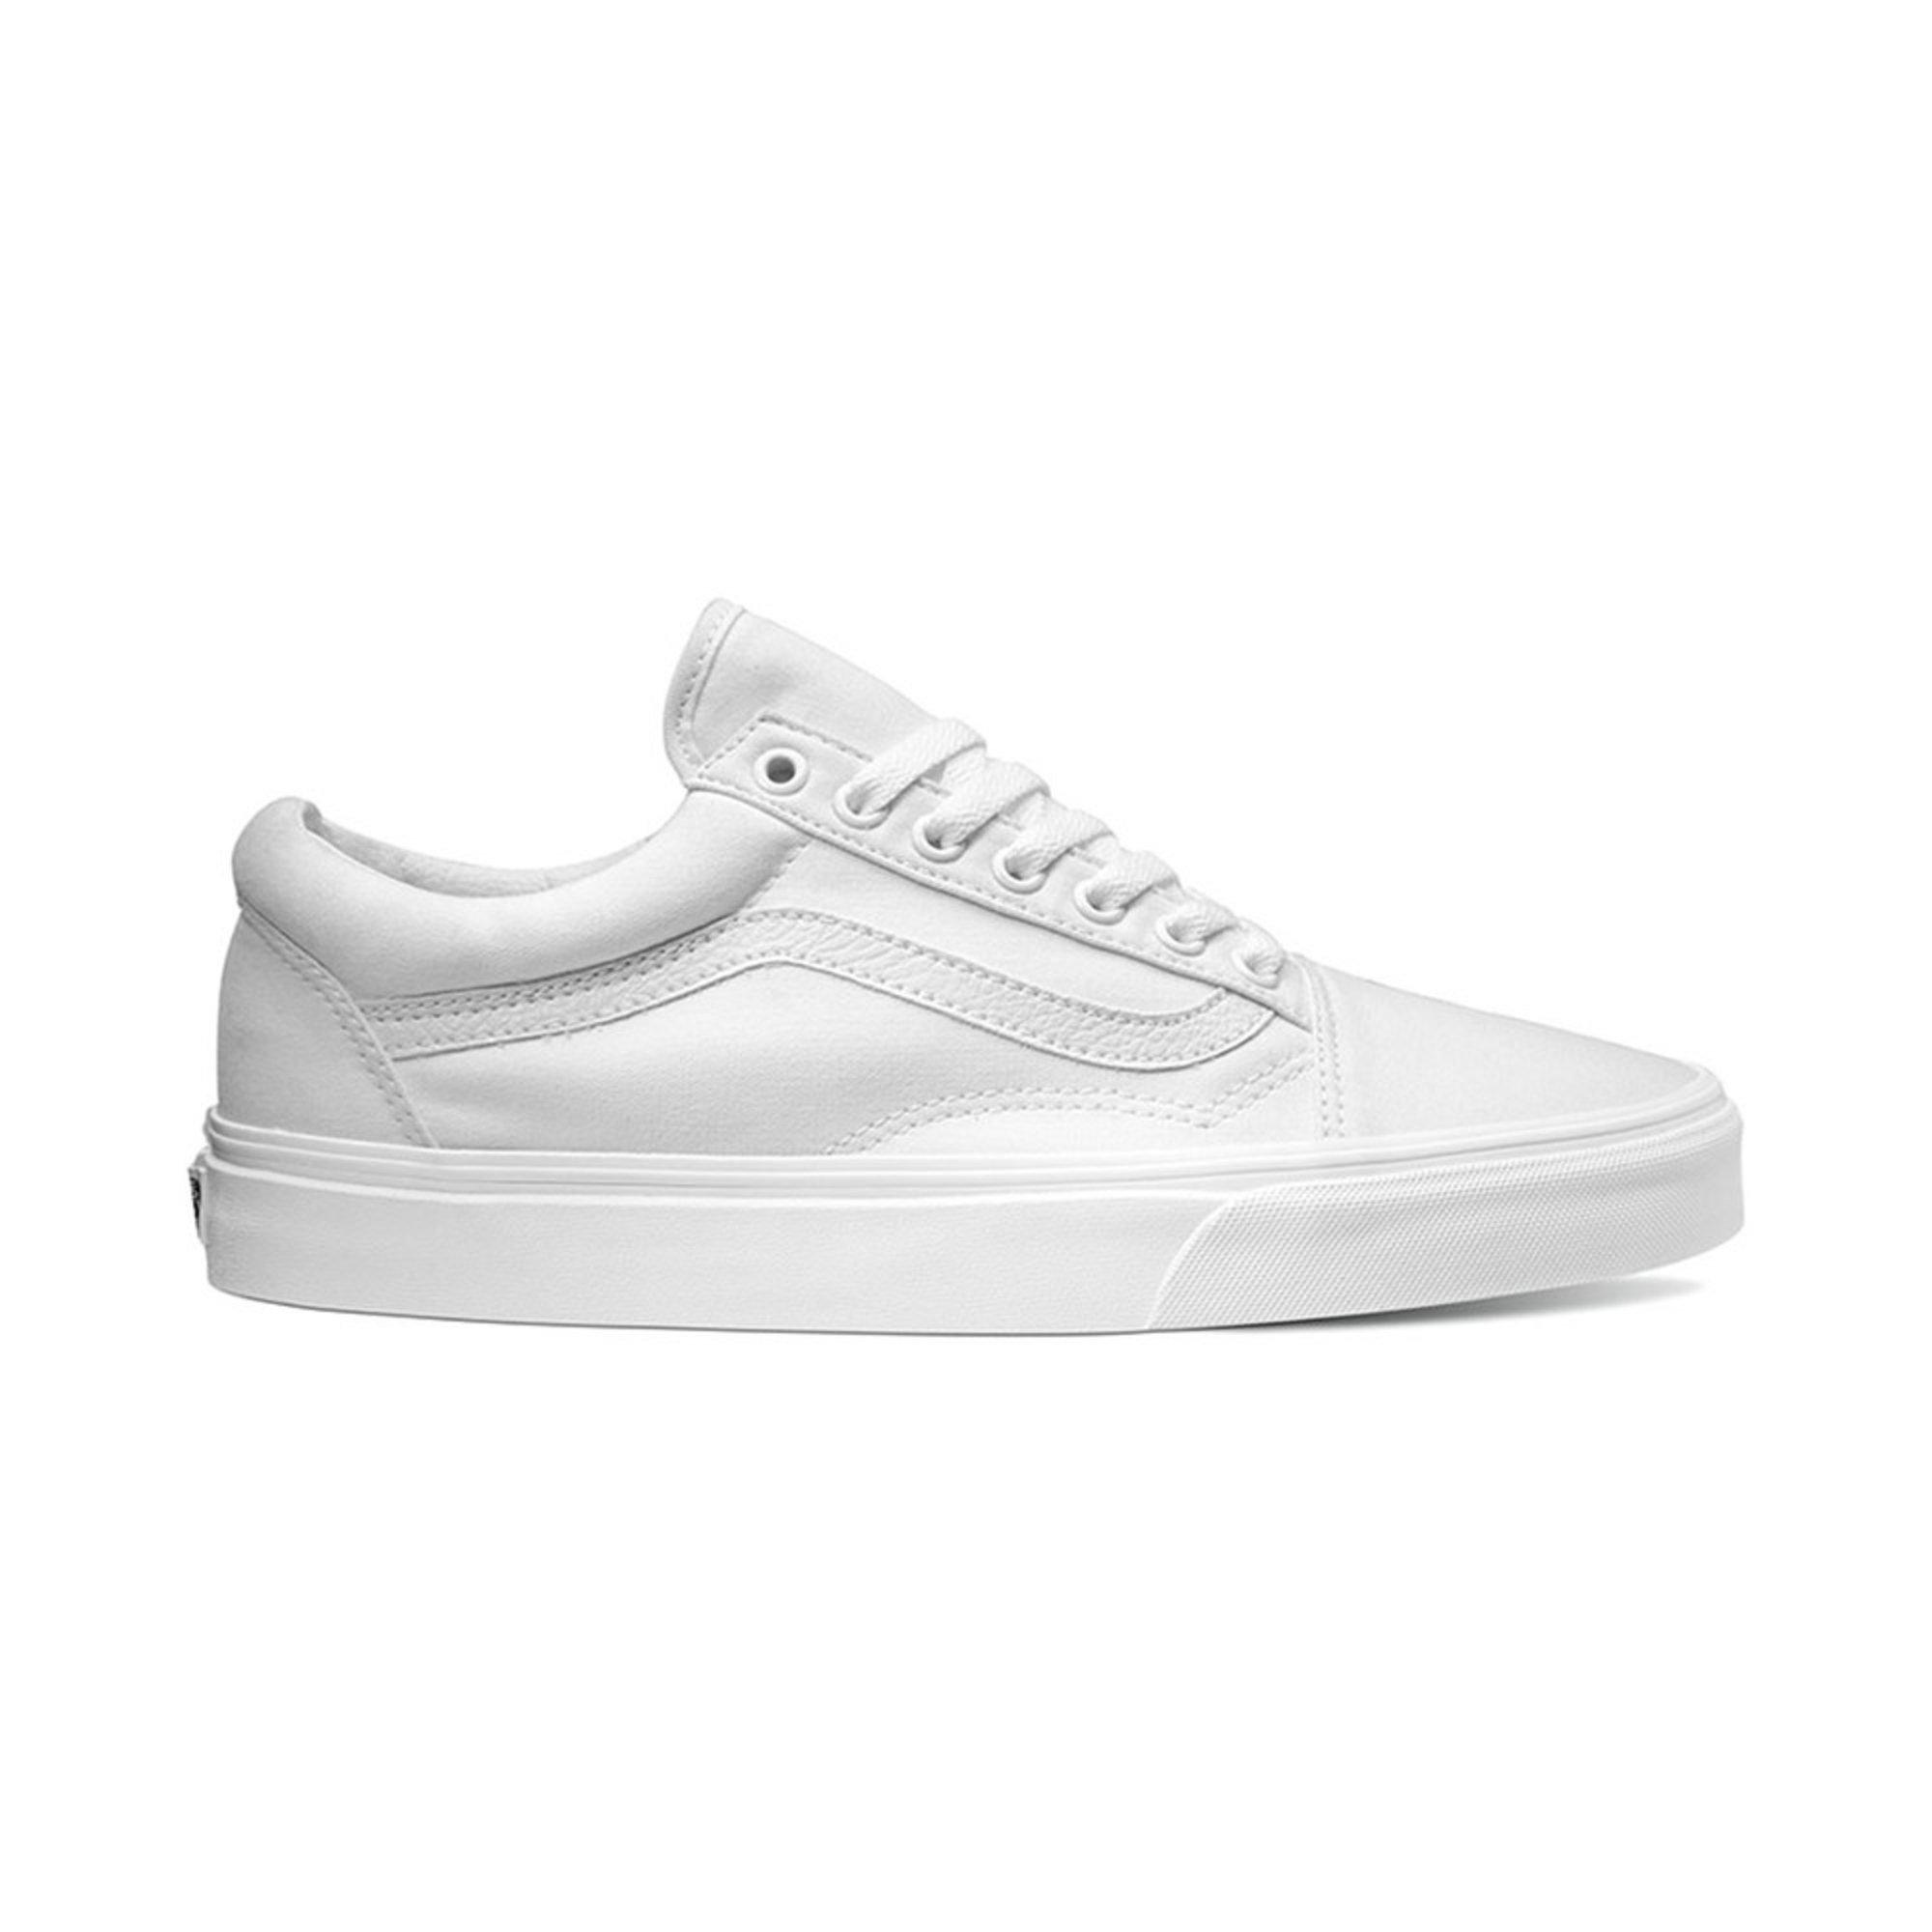 ba34f7f399 Vans Unisex Old Skool Skate Shoe